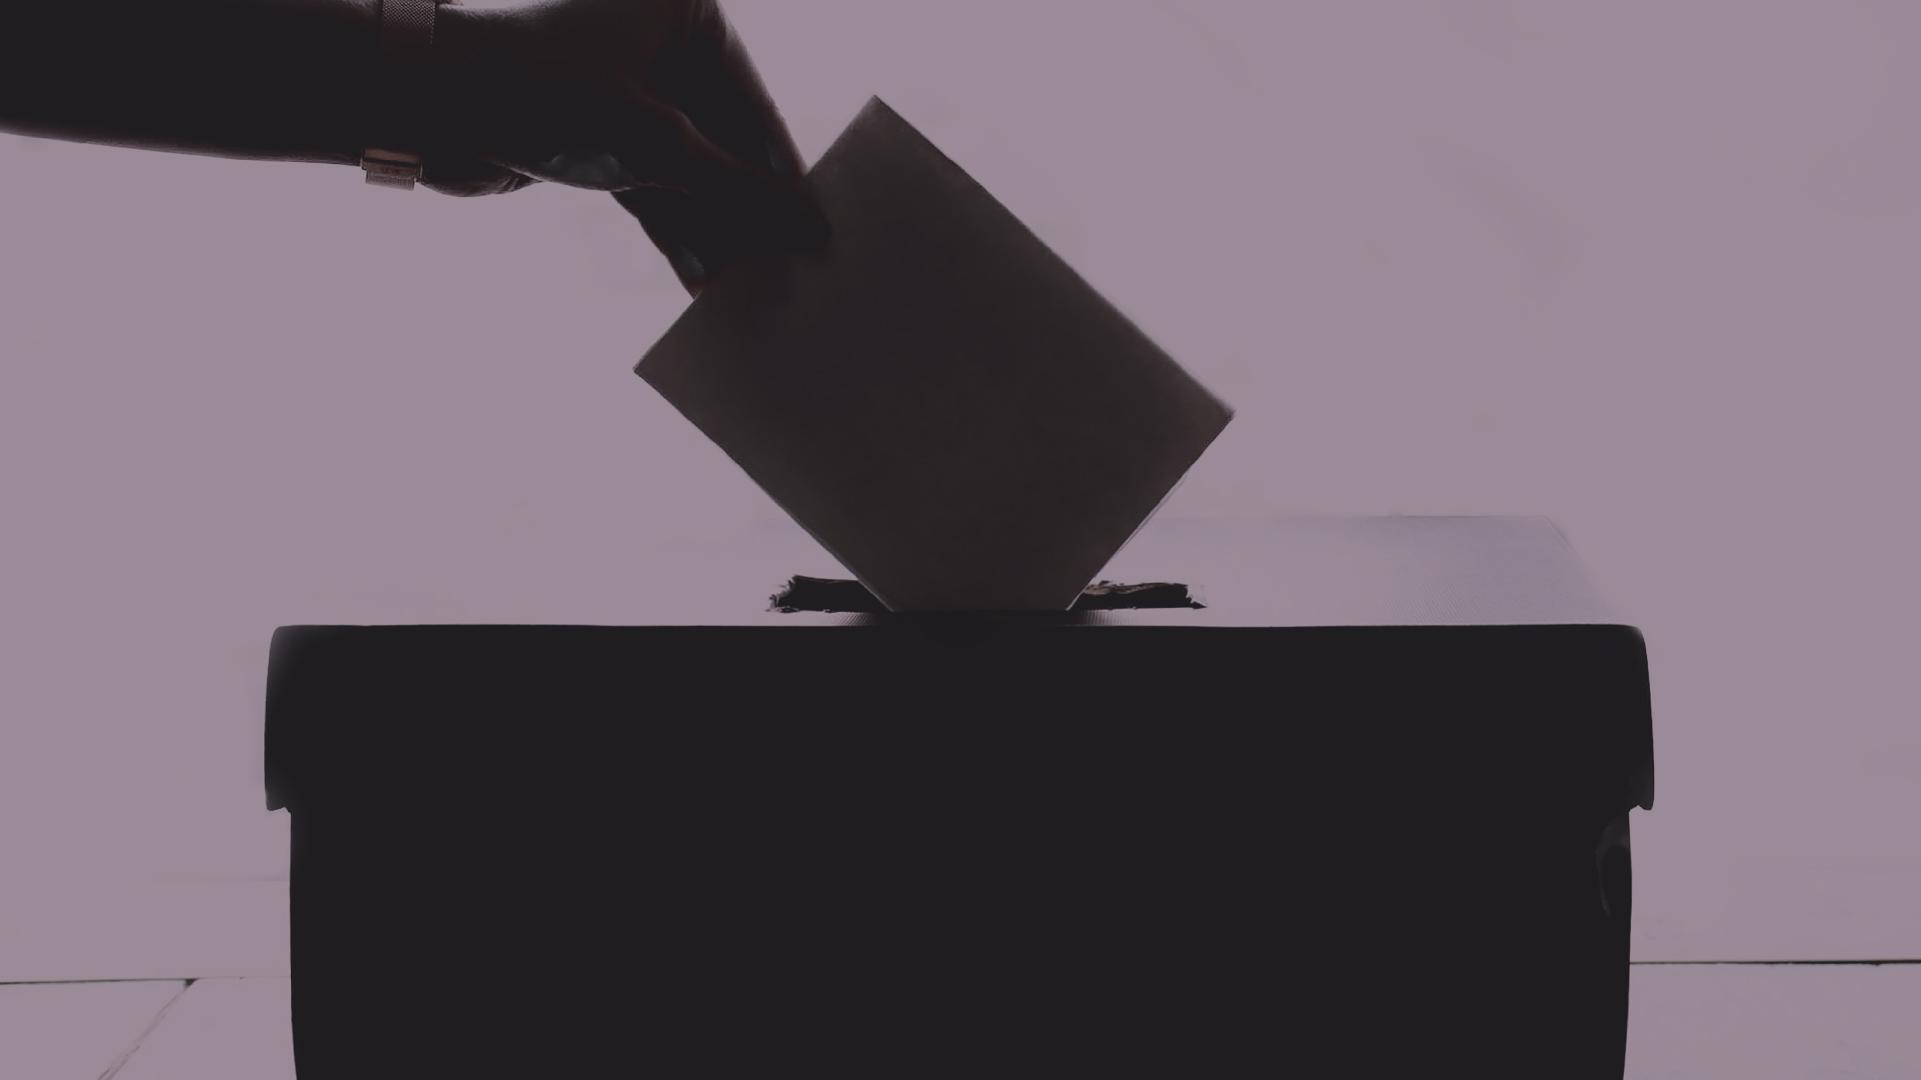 Artículo | ¿Es usted cristiano en tiempos de elecciones?